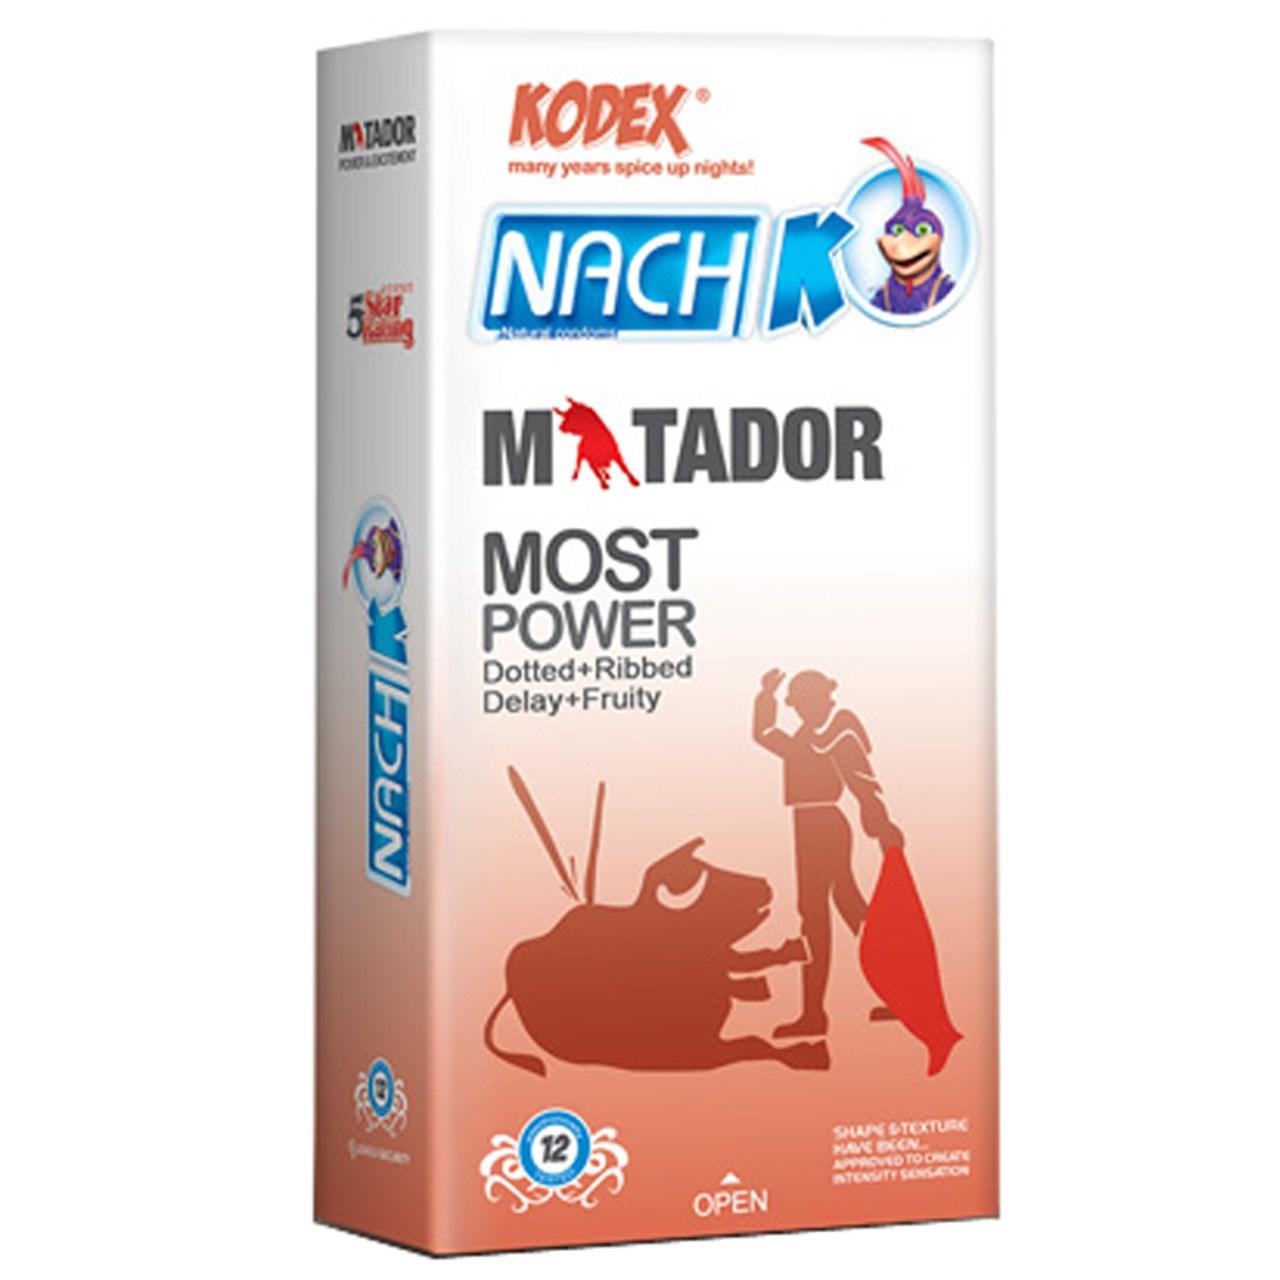 قیمت کاندوم خاردار و حلقوی کدکس مدل Matador بسته 12 عددی